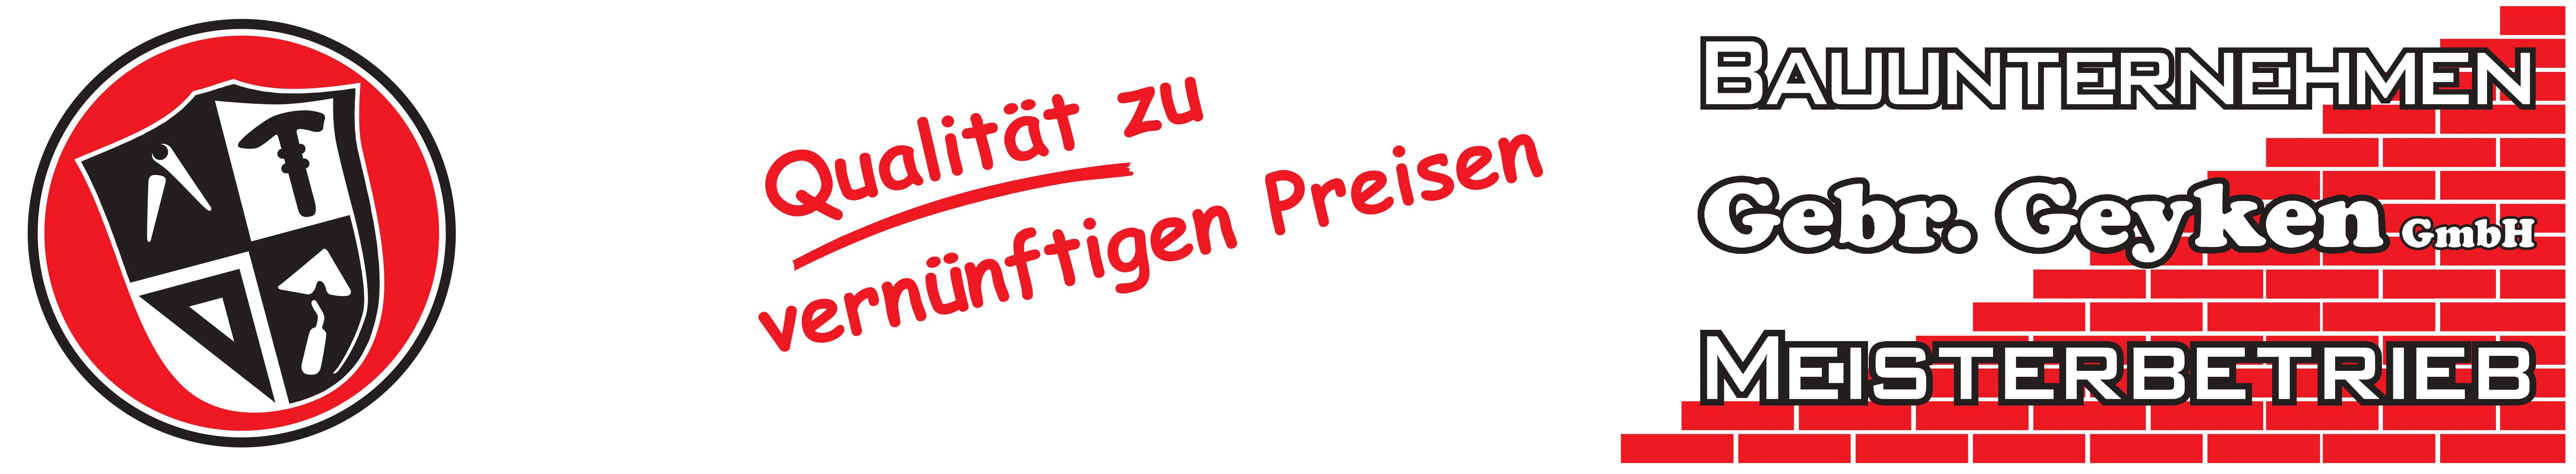 Gebr. Geyken Bauunternehmen GmbH